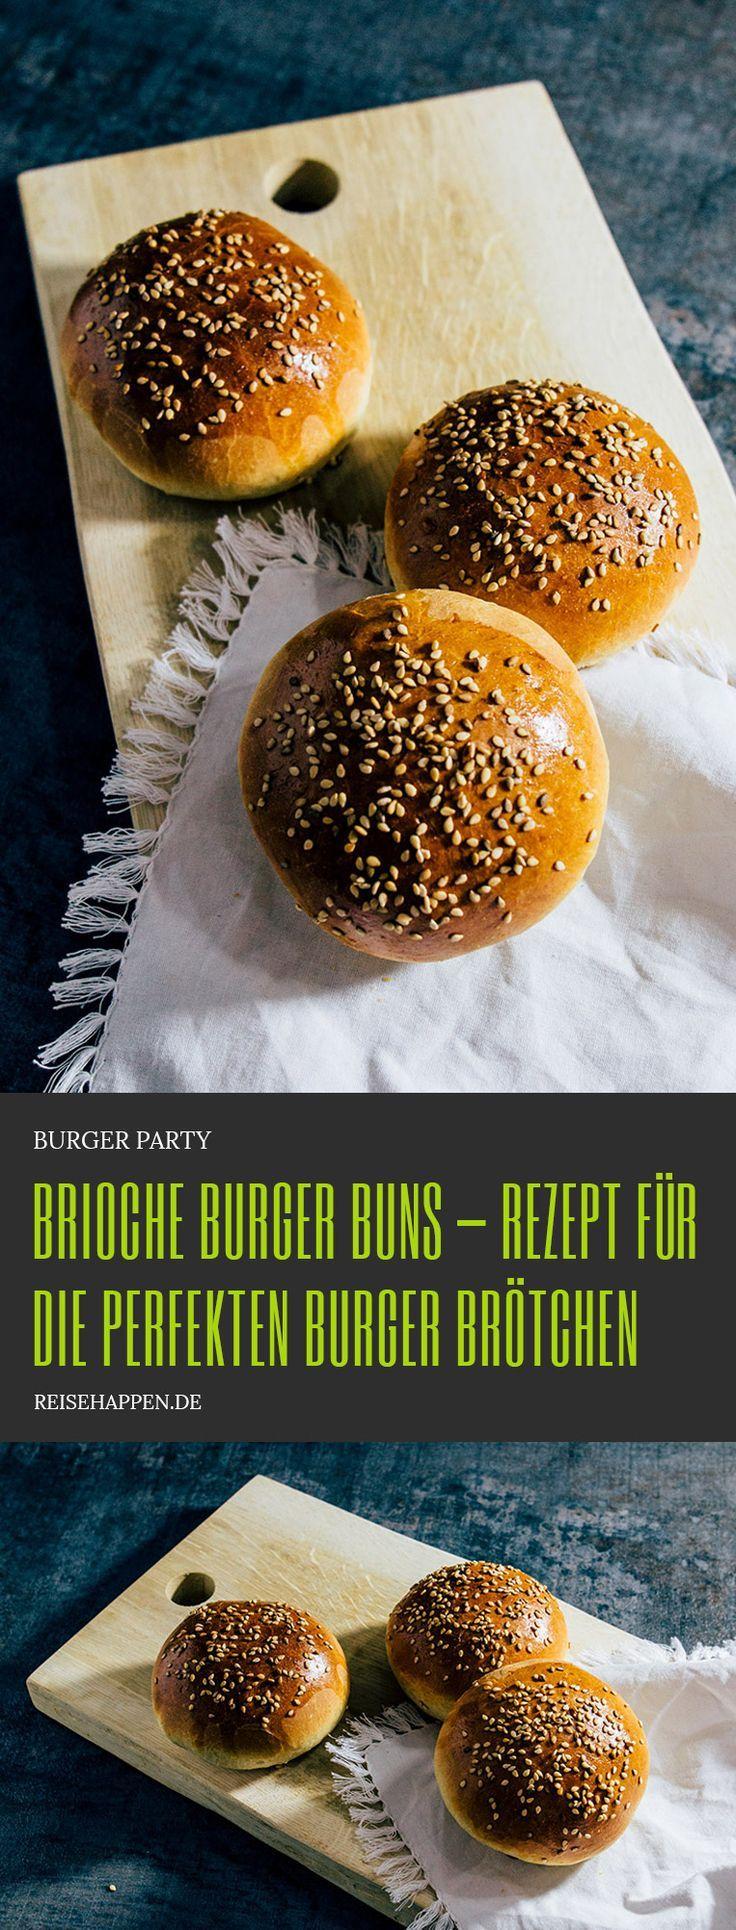 Brioche Burger Buns – Rezept für perfekte Burger Brötchen